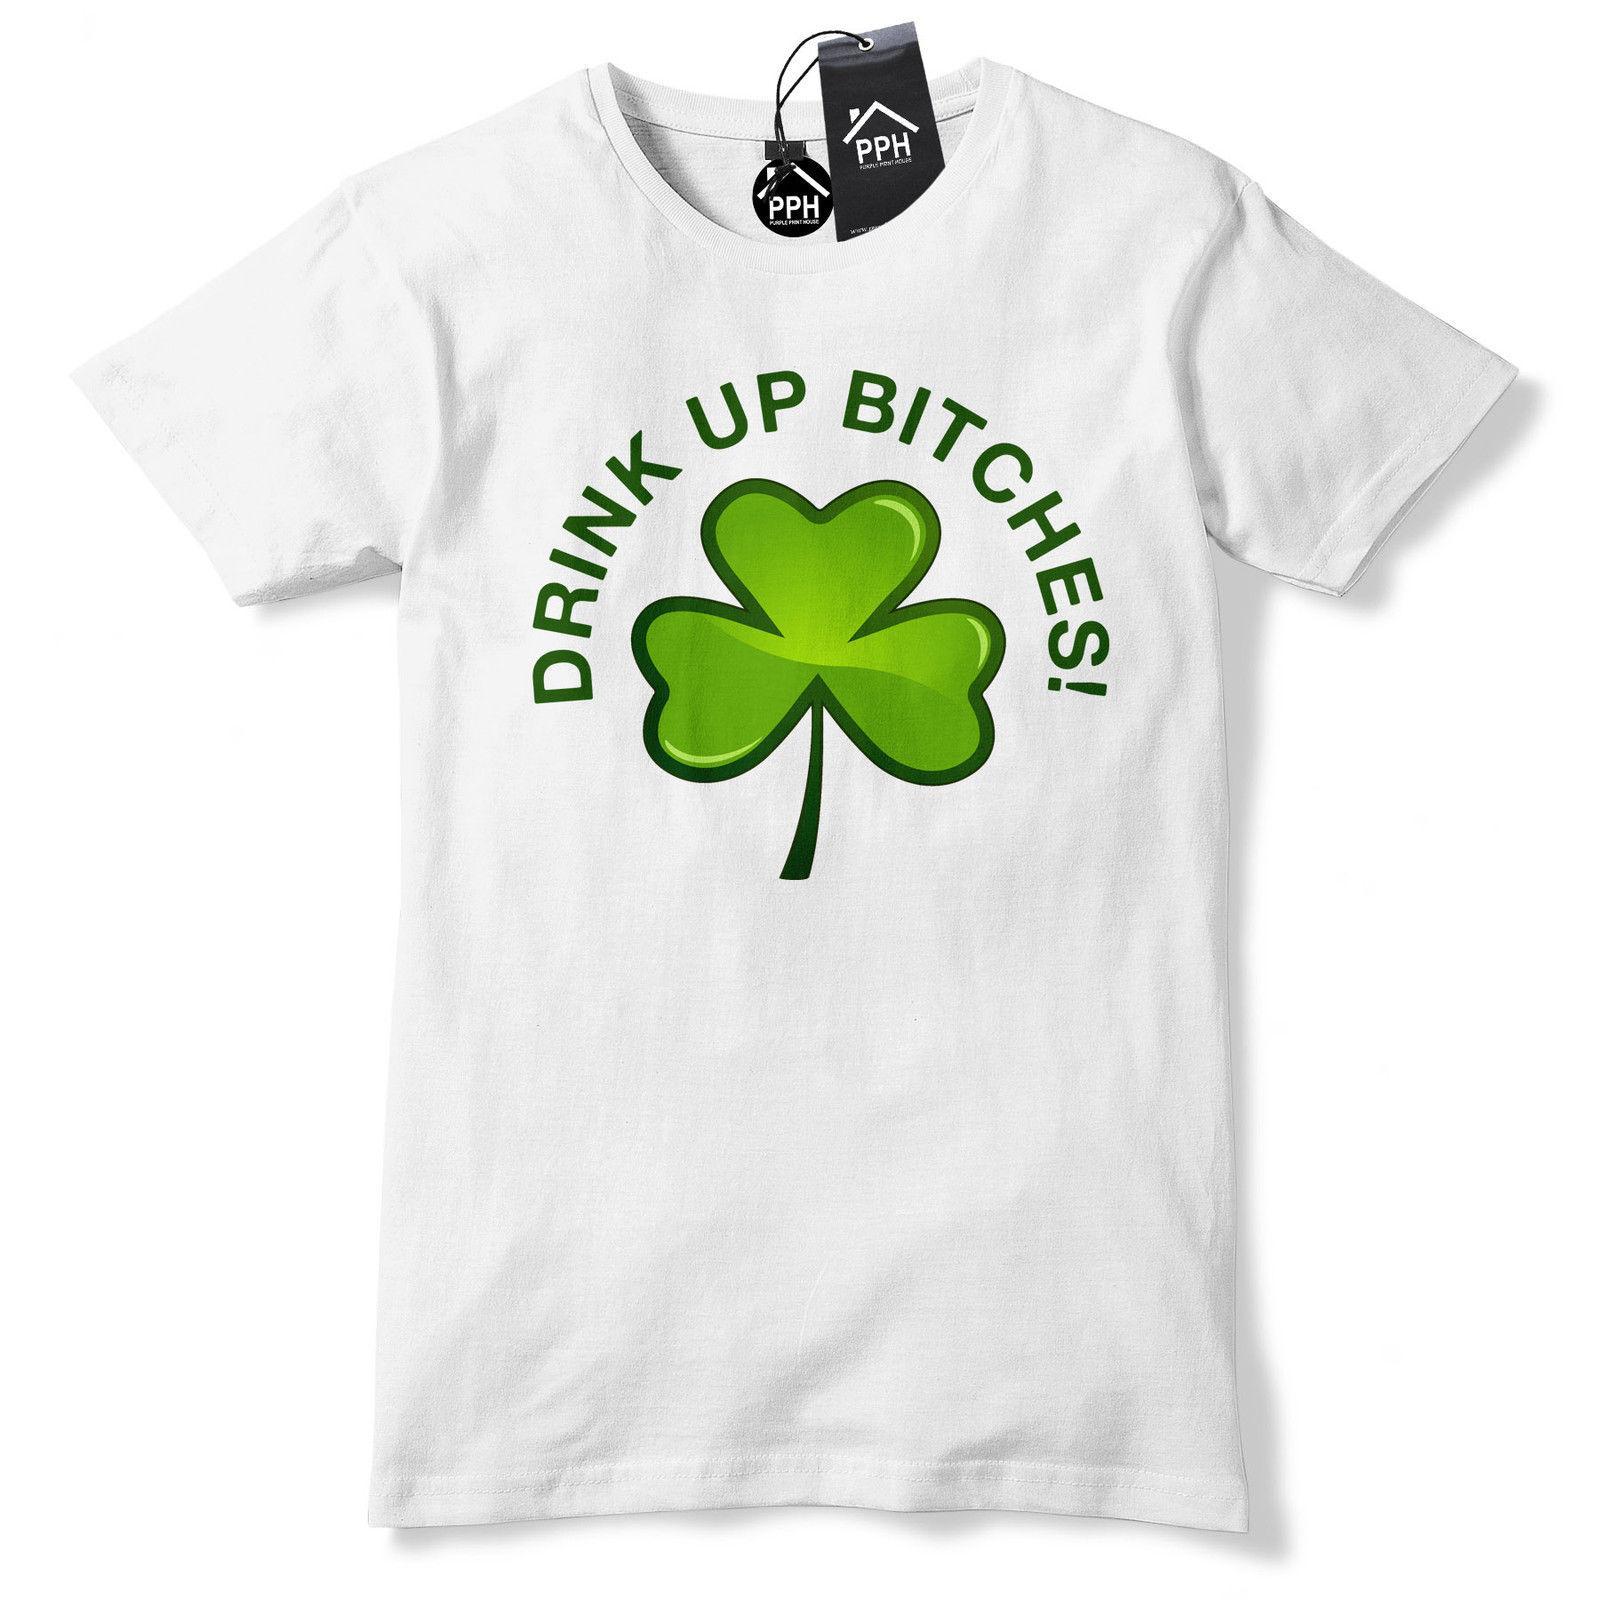 c777cc51b Drink Up B*tches Guinness Ireland Irish Tshirt St Patricks Day T Shirt  Tshirt P6 Cheap Funny T Shirts Cheap T Shirt From Beidhgate08, $11.01|  DHgate.Com